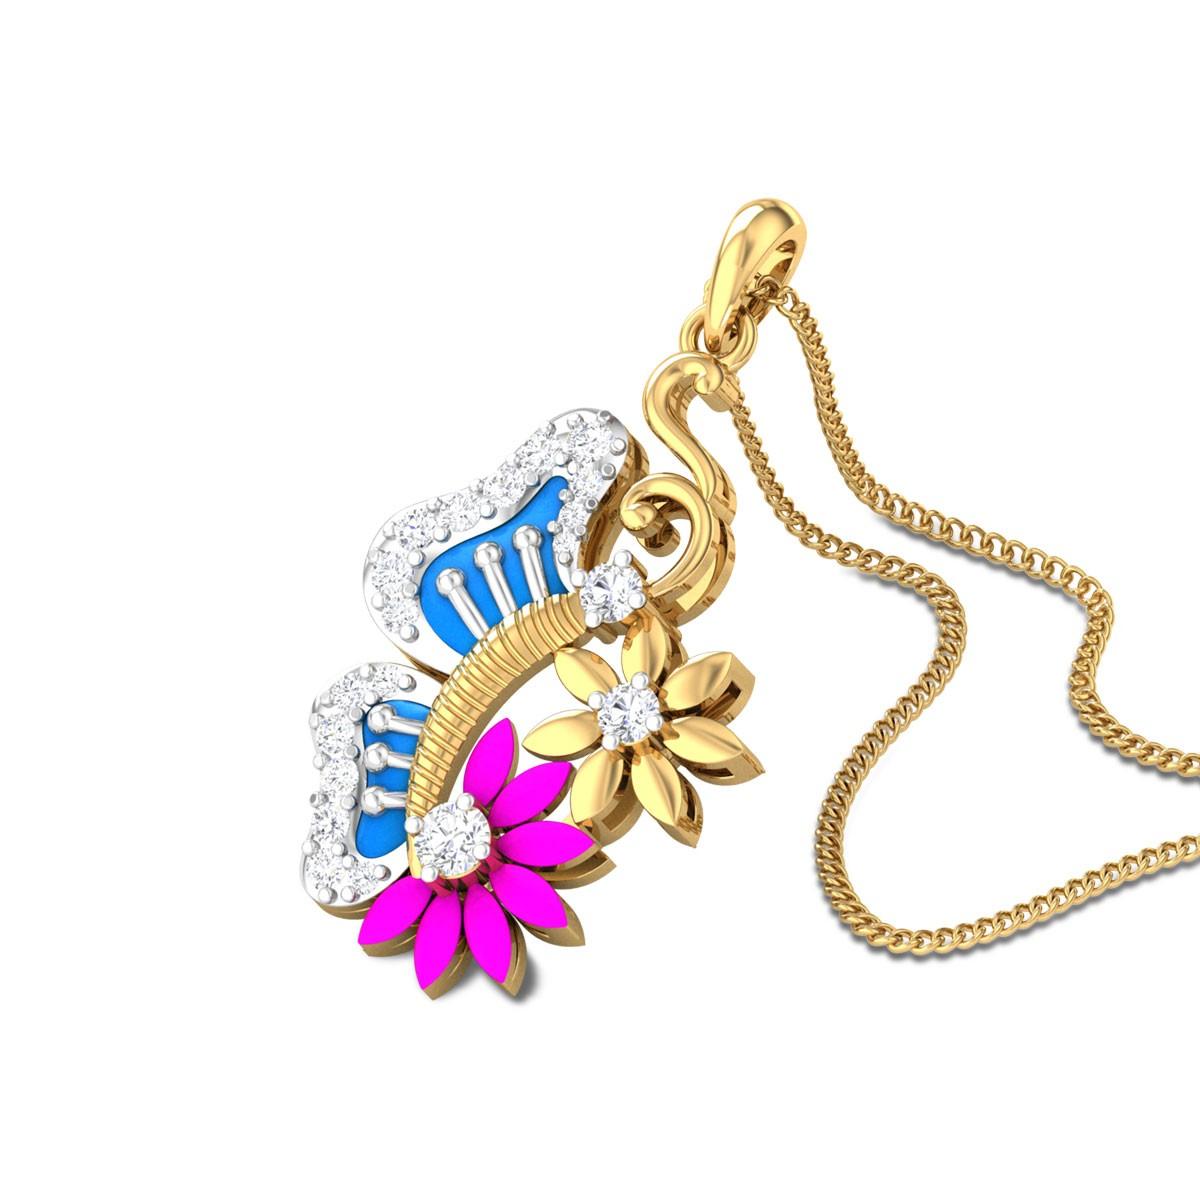 Jena Floral Butterfly Diamond Pendant